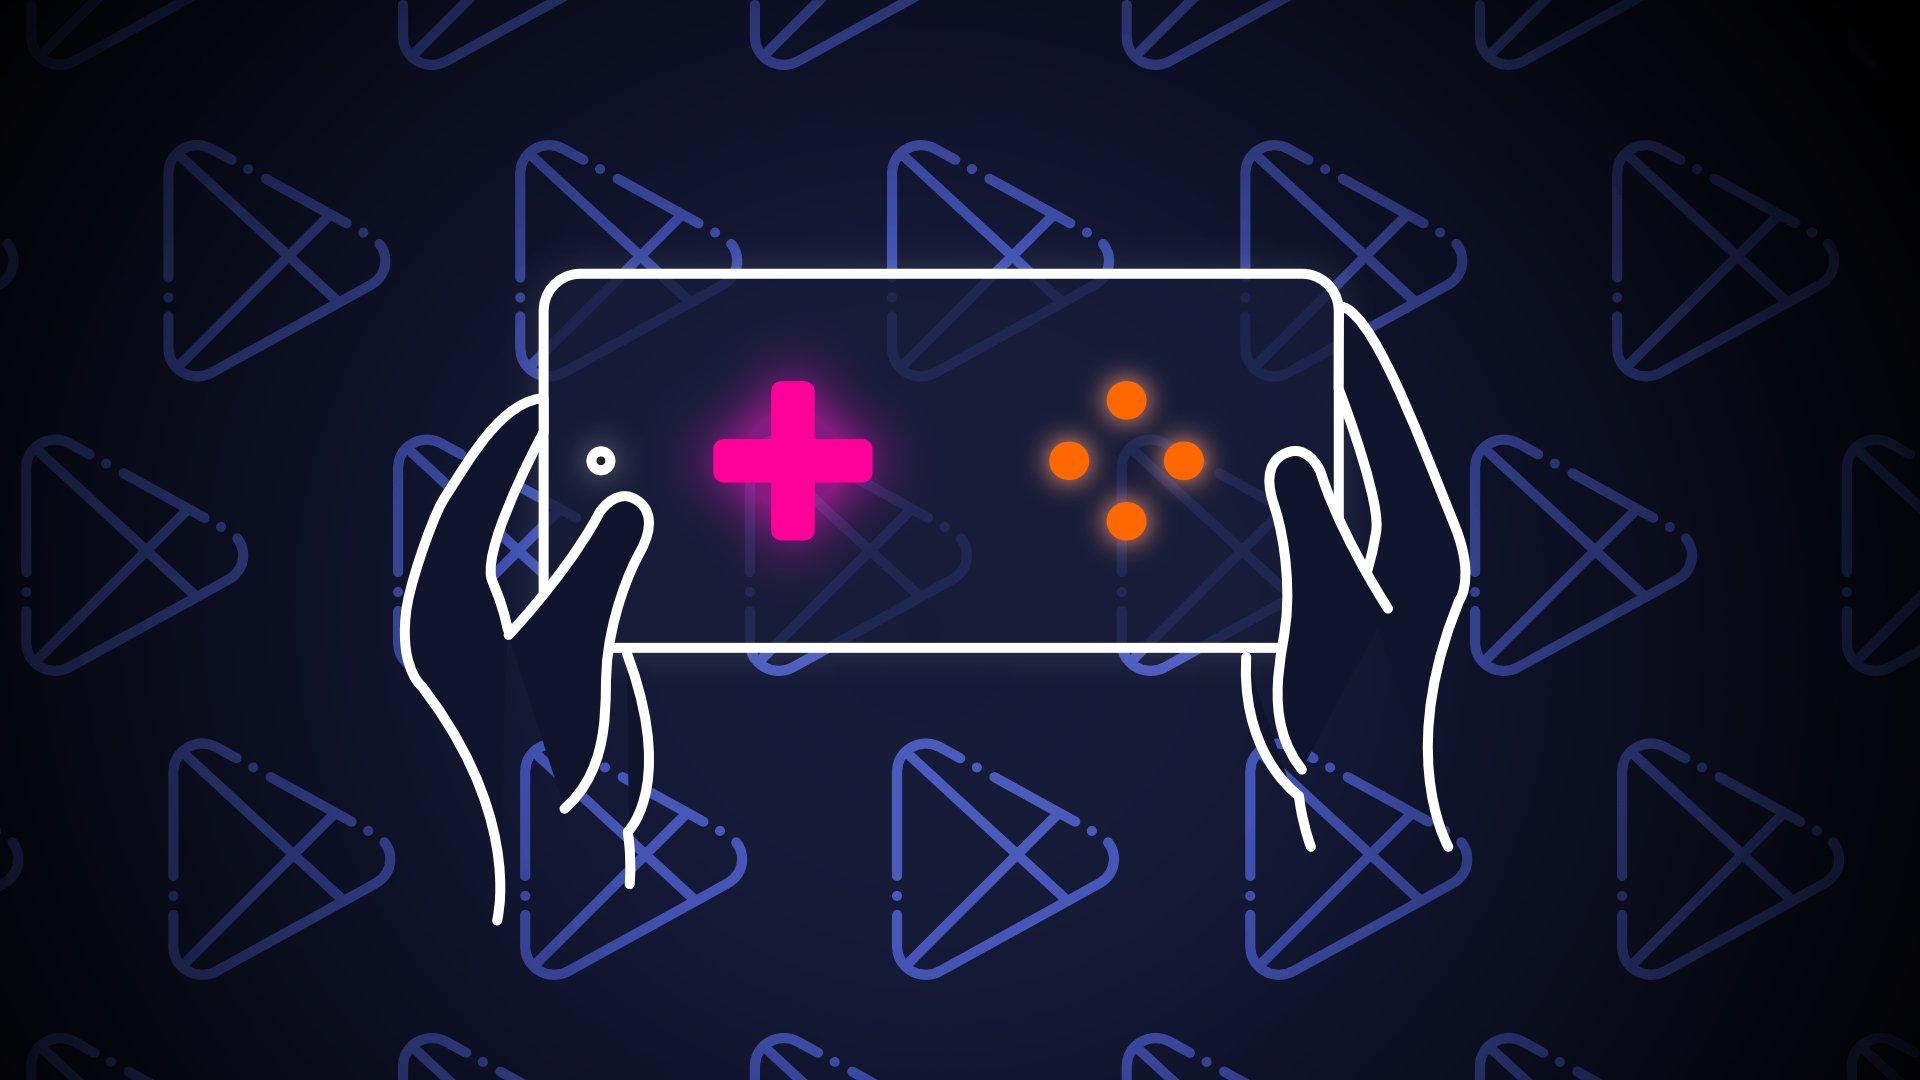 Les Meilleurs Jeux Android Payants De 2020 concernant Jeux Petite Fille Gratuit